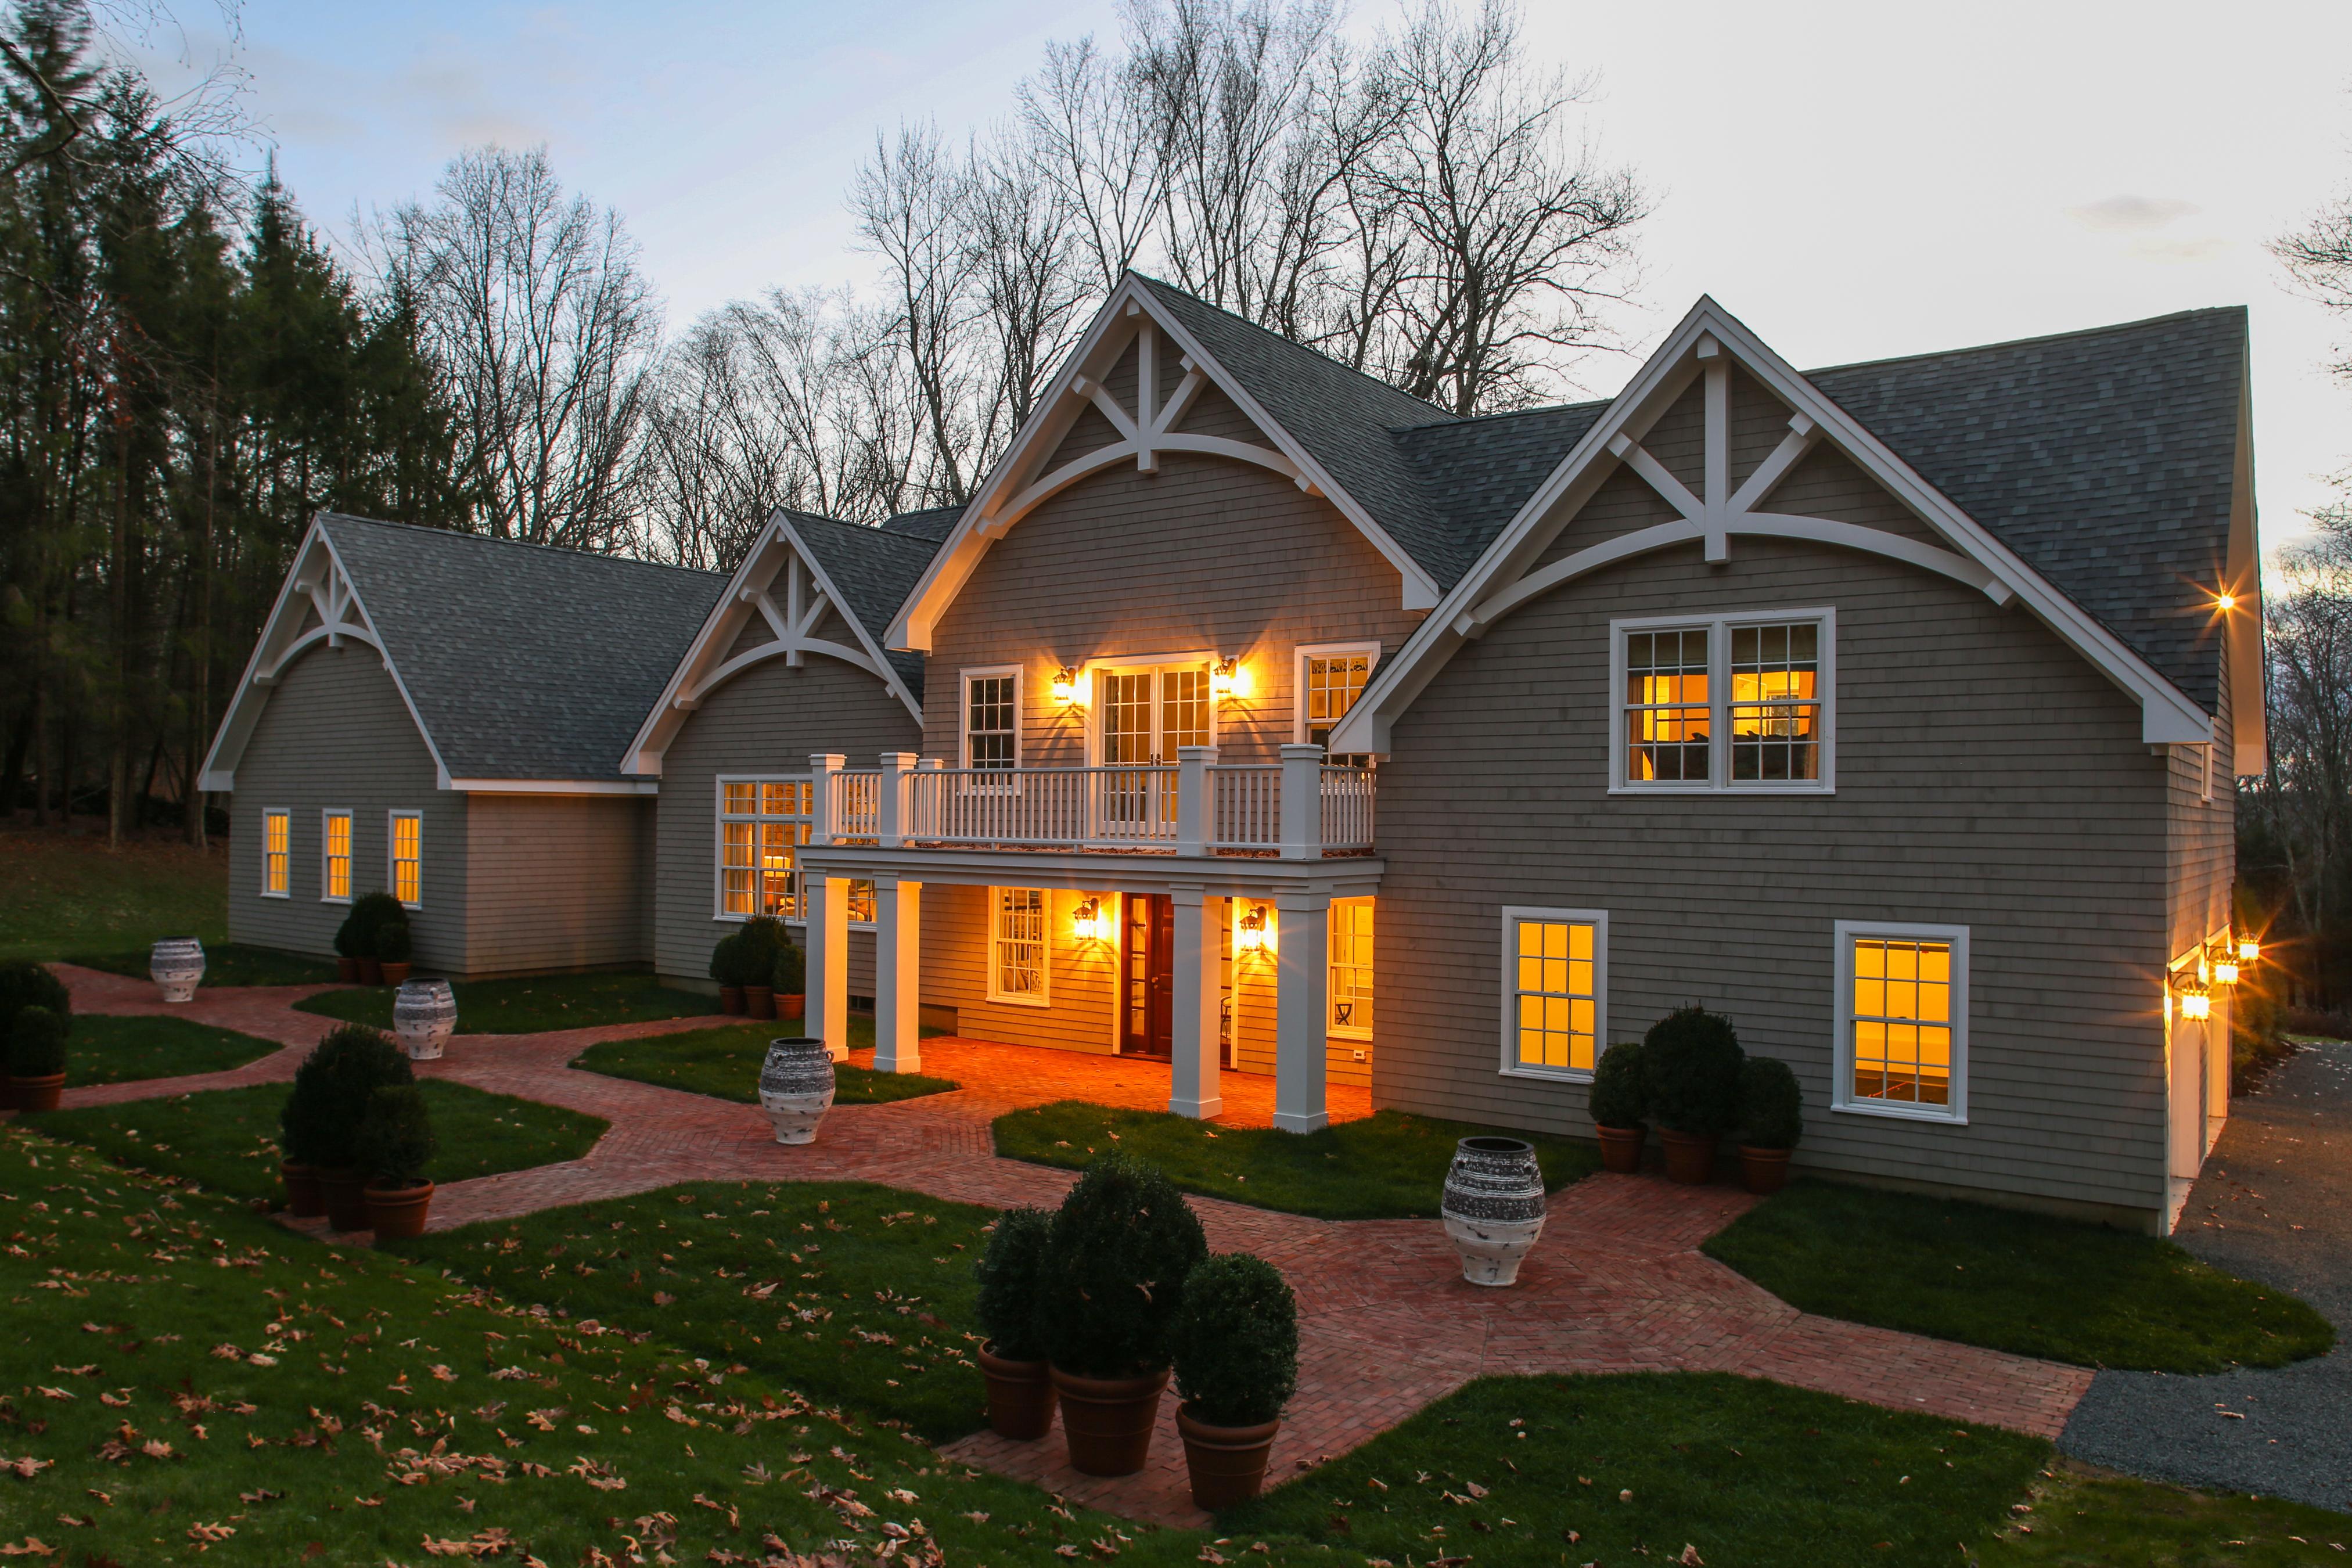 Частный односемейный дом для того Продажа на Exceptional Property 49 Garnet Road Roxbury, Коннектикут 06783 Соединенные Штаты